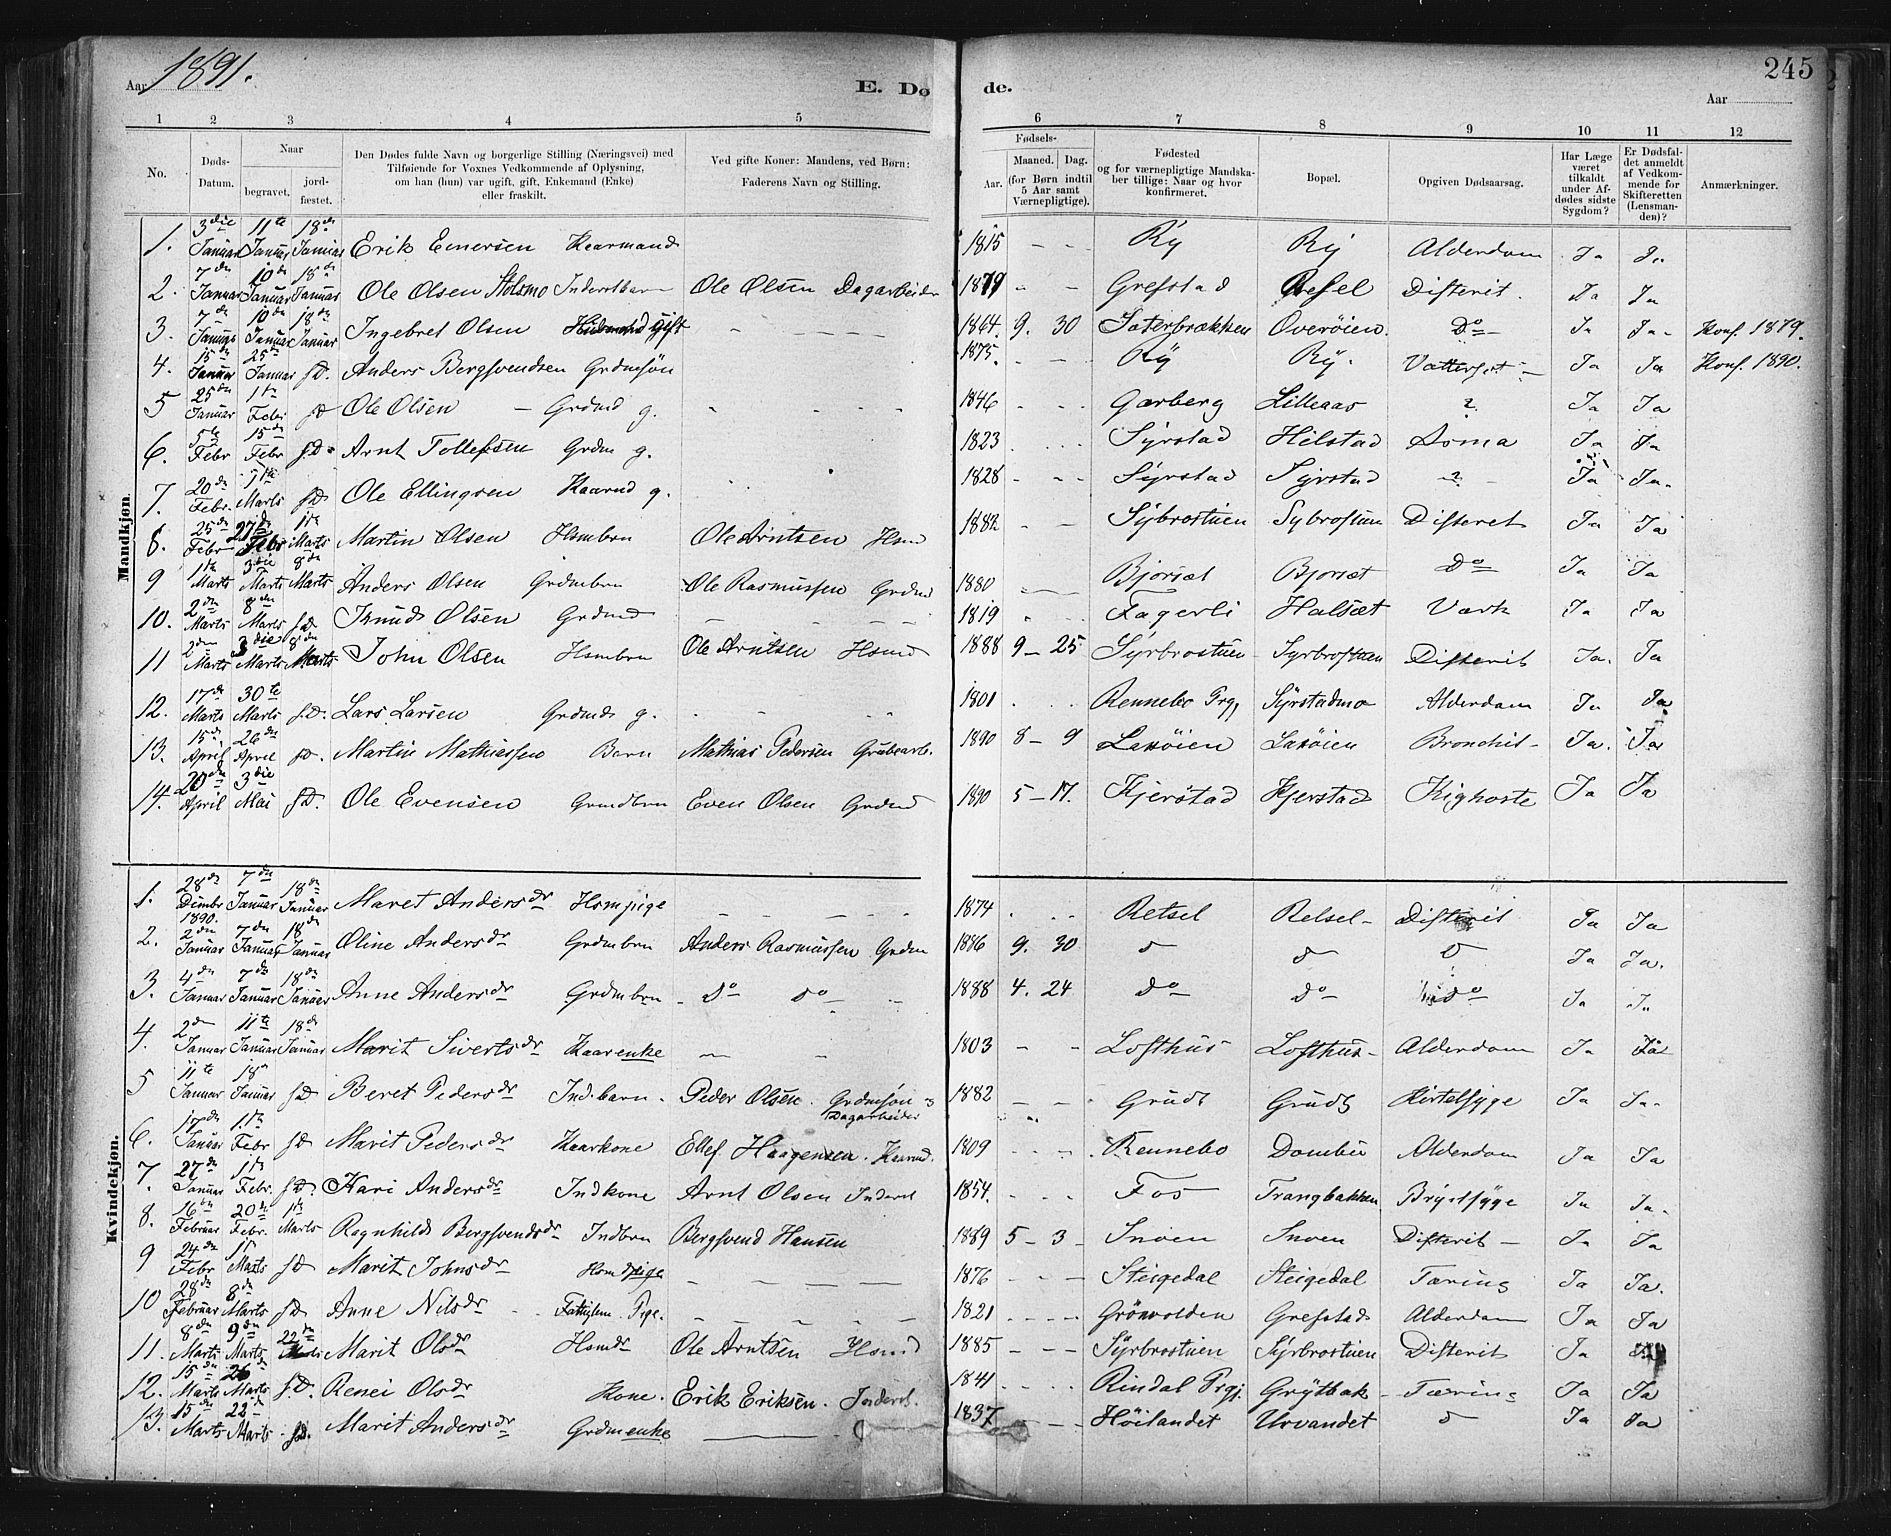 SAT, Ministerialprotokoller, klokkerbøker og fødselsregistre - Sør-Trøndelag, 672/L0857: Ministerialbok nr. 672A09, 1882-1893, s. 245